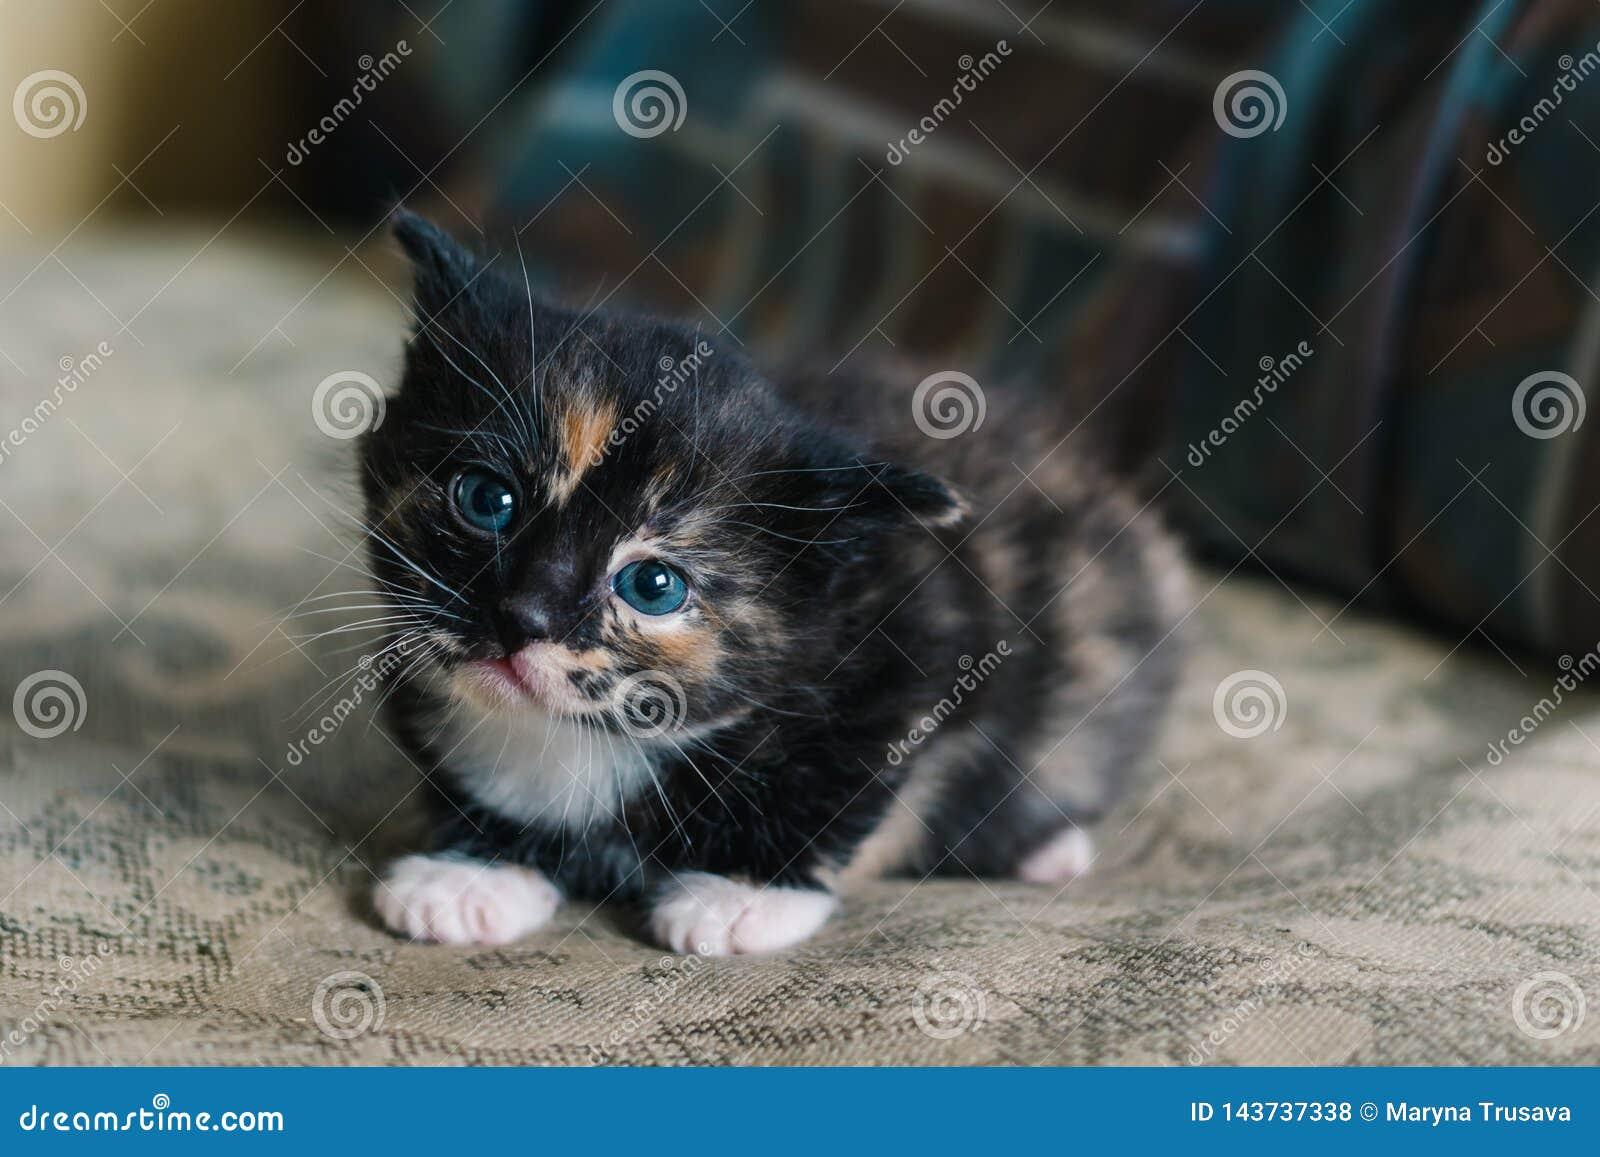 Маленький черный кот с белыми и красными пятнами и голубыми глазами лежит на софе с устрашенным взглядом